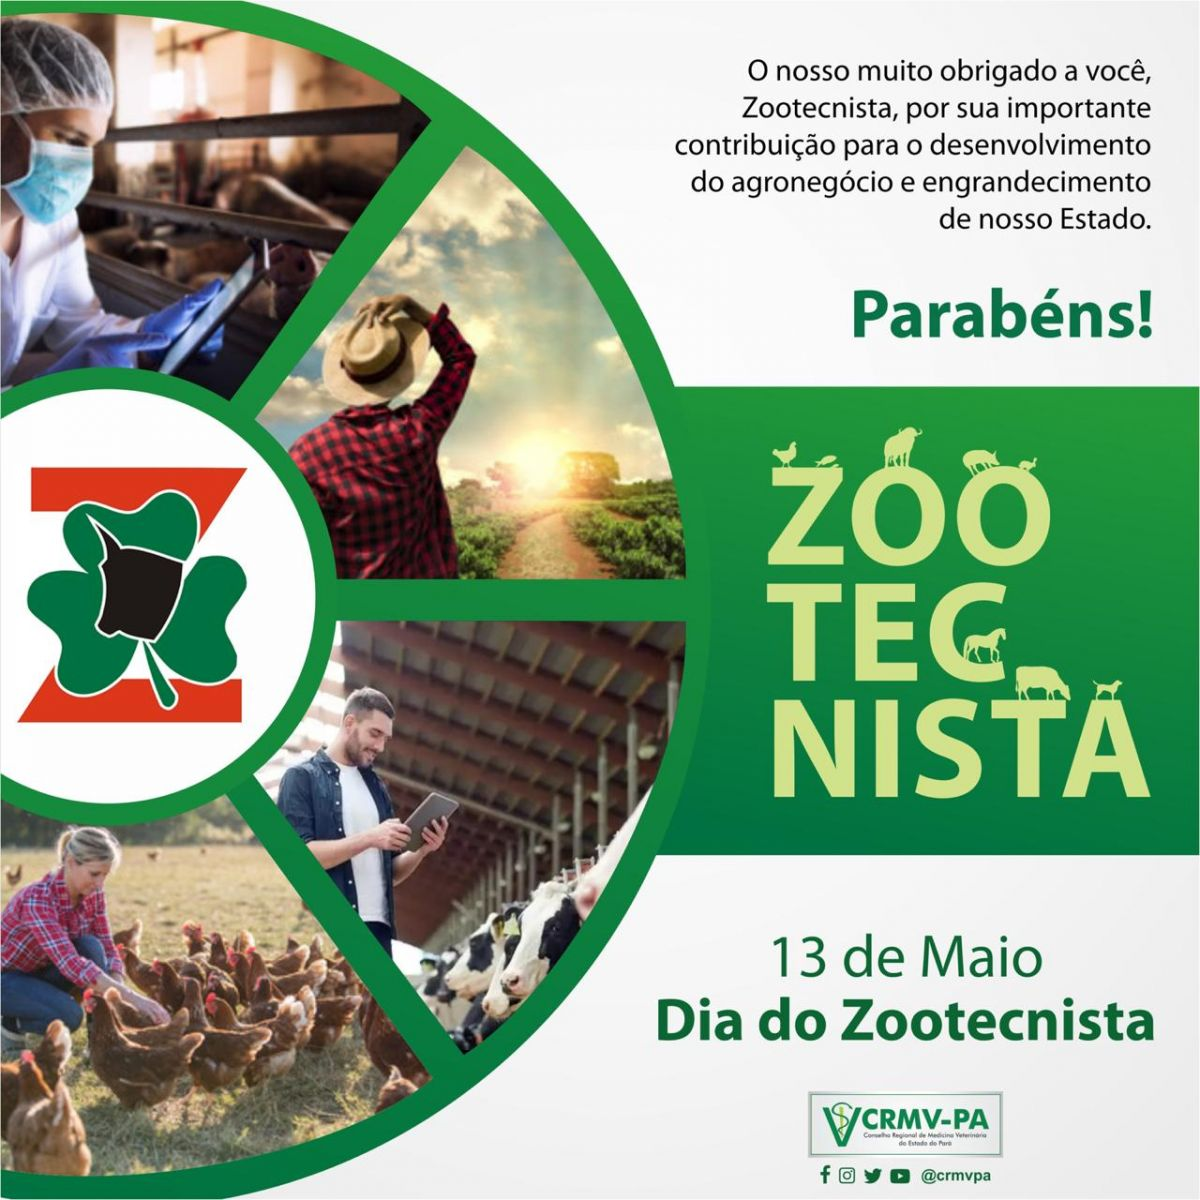 Dia do Zootecnista CRMV-PA